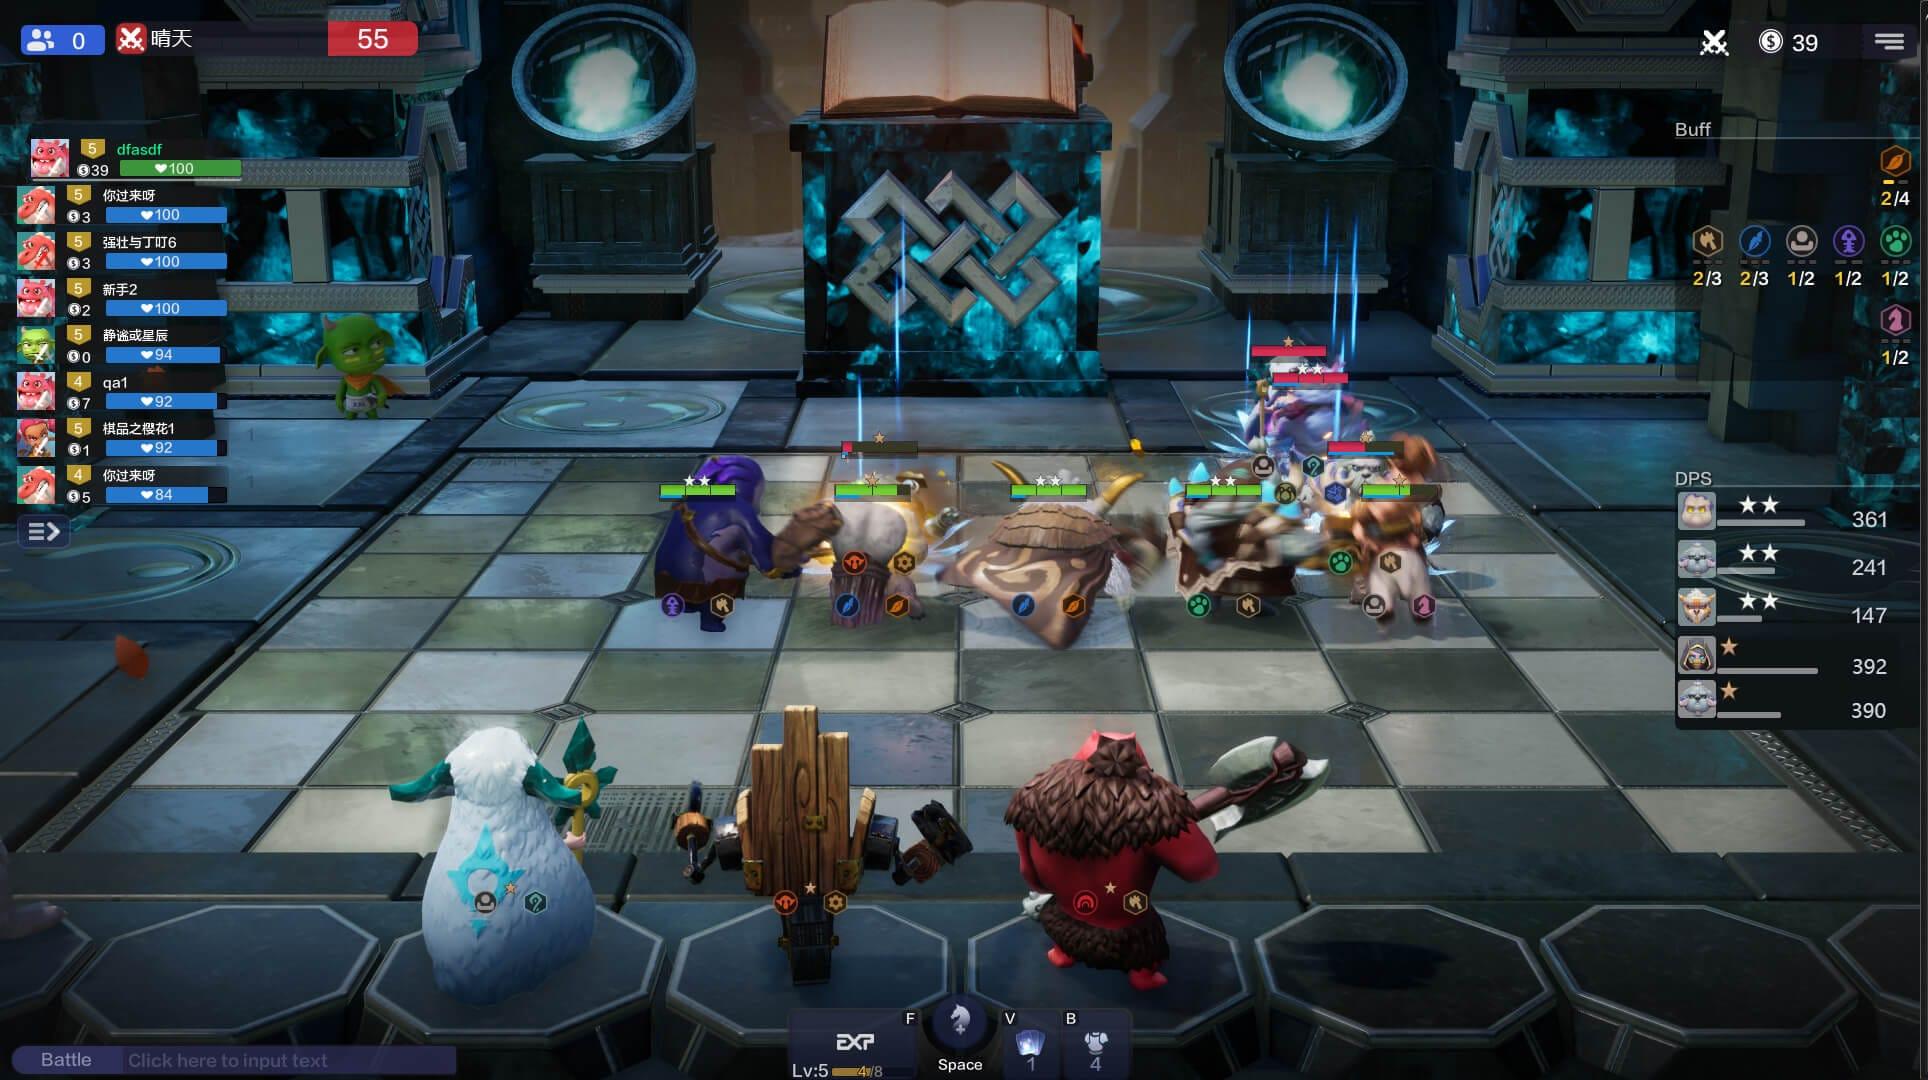 Auto Chess per PS4 ha una data di uscita